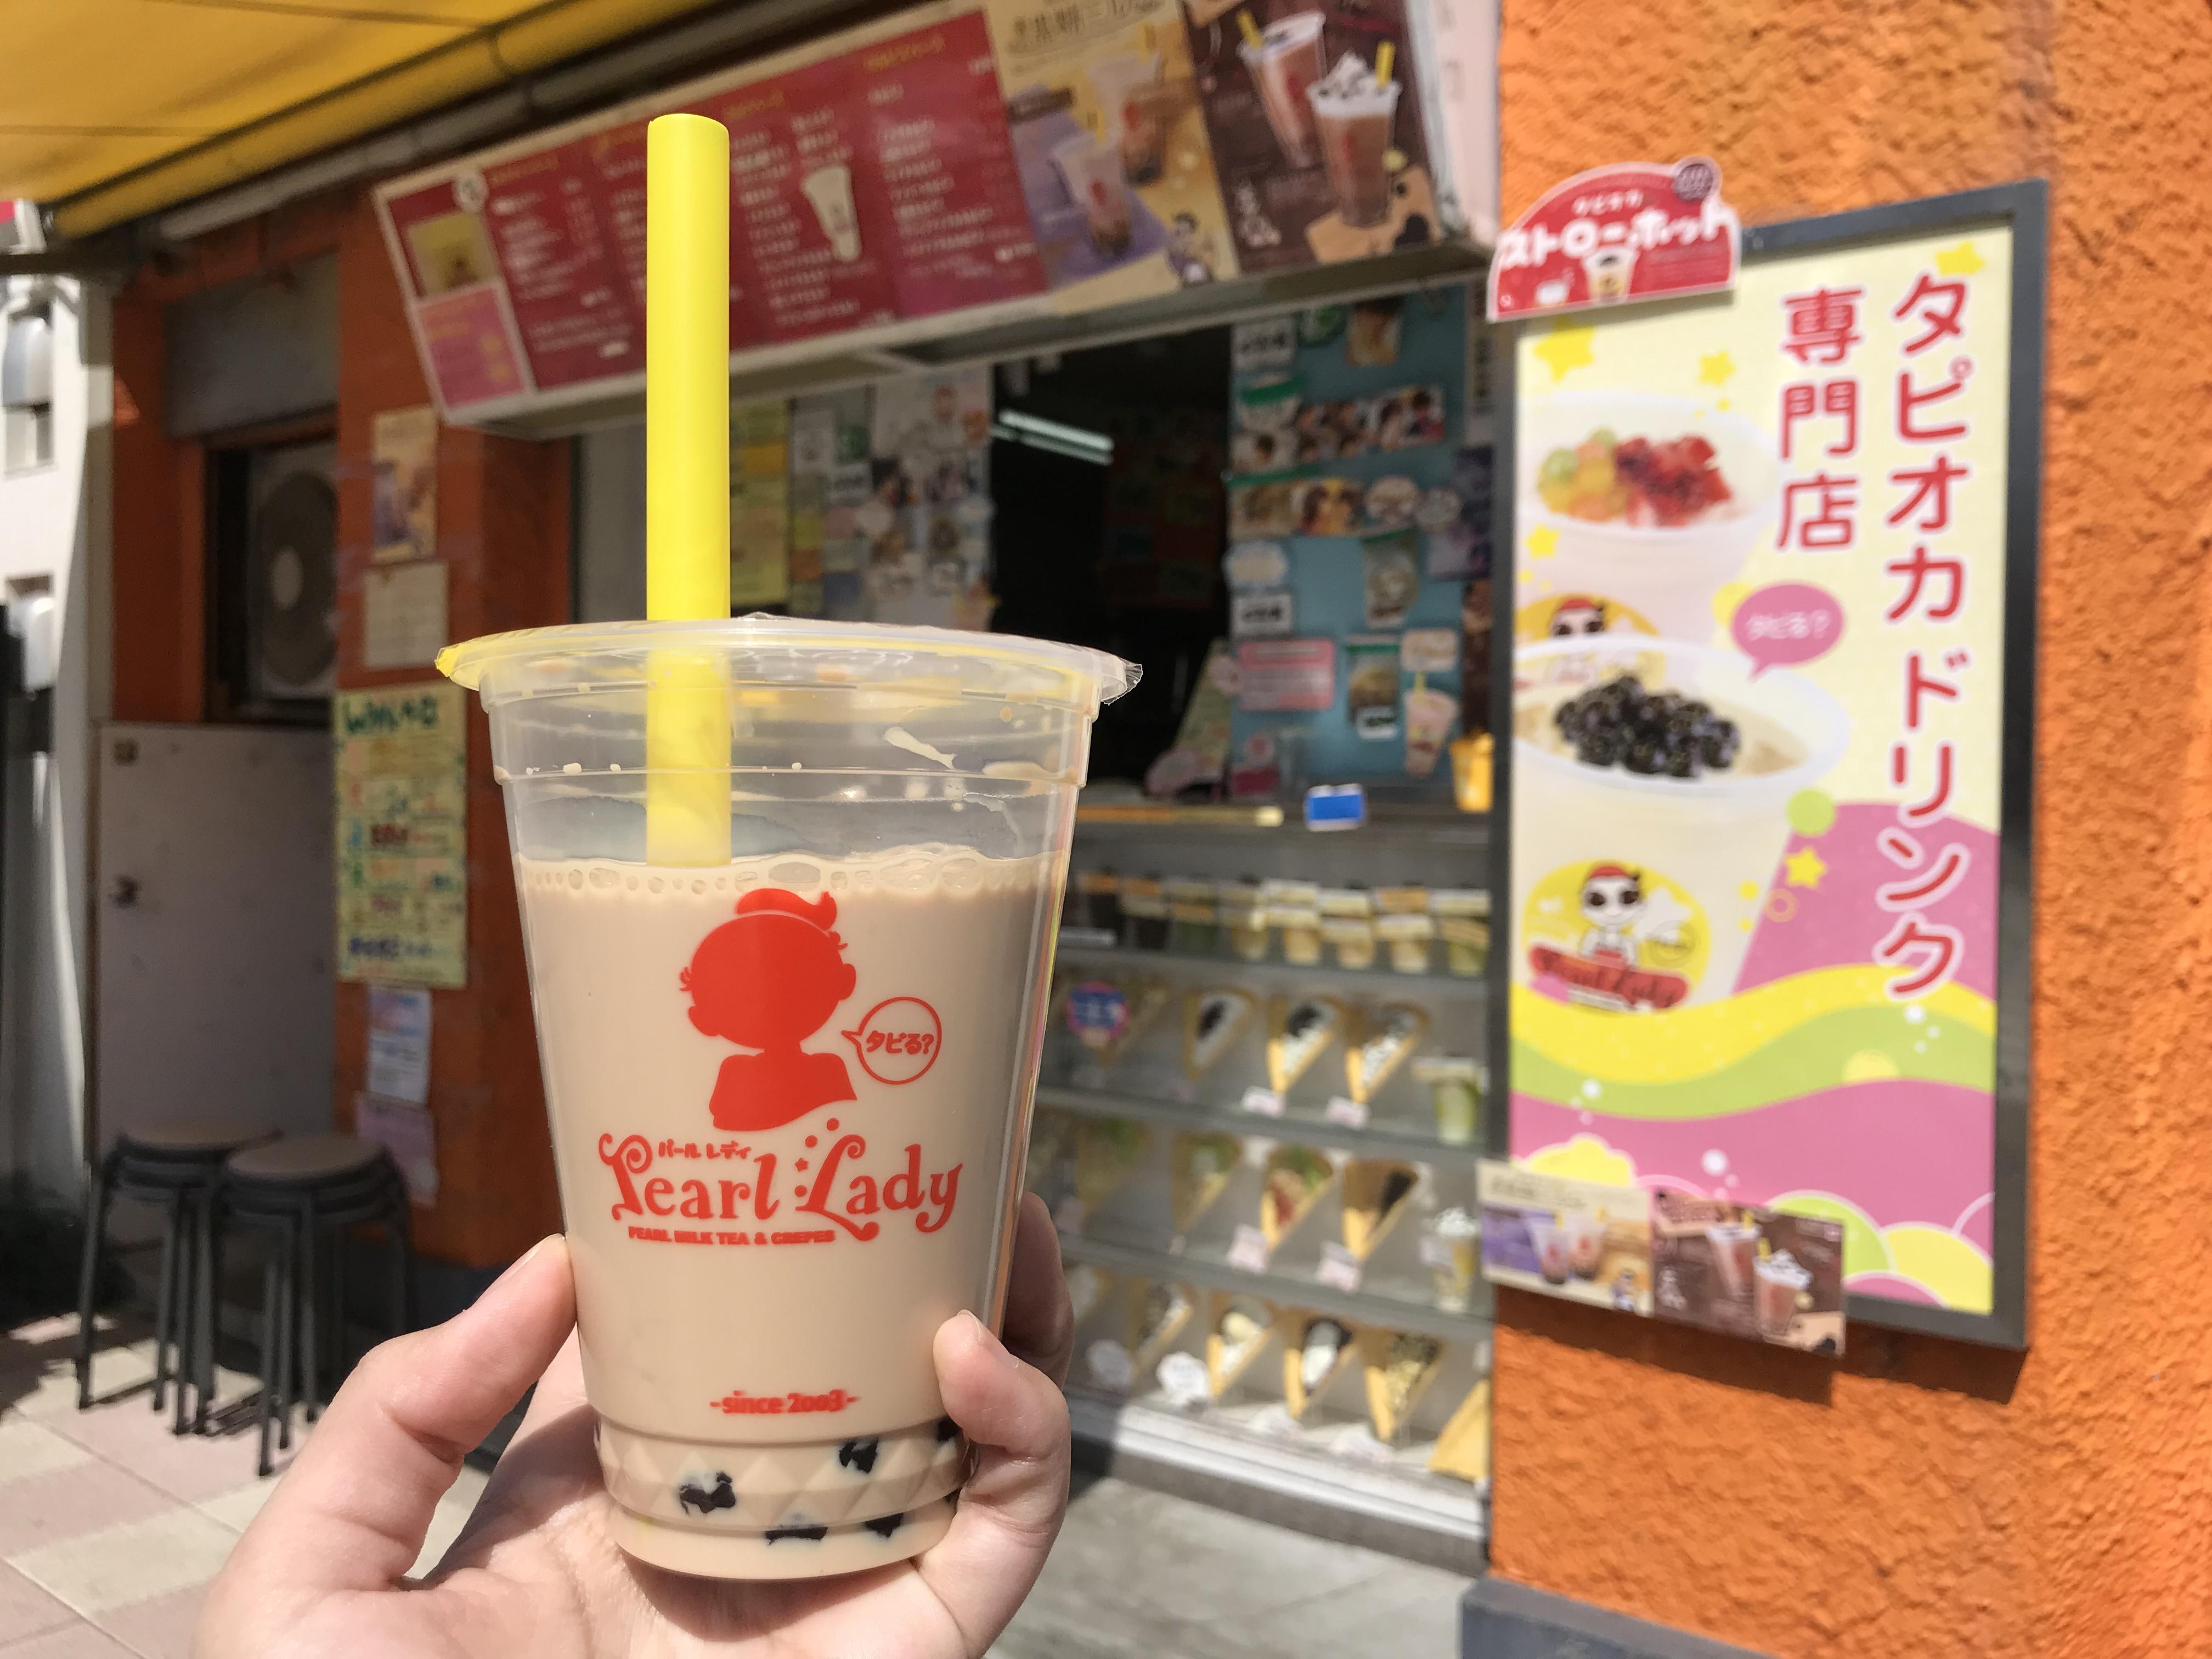 もちもち食感が人気!名古屋のタピオカドリンクのお店20選 - 822f28098e360c31339120f71a844bc3